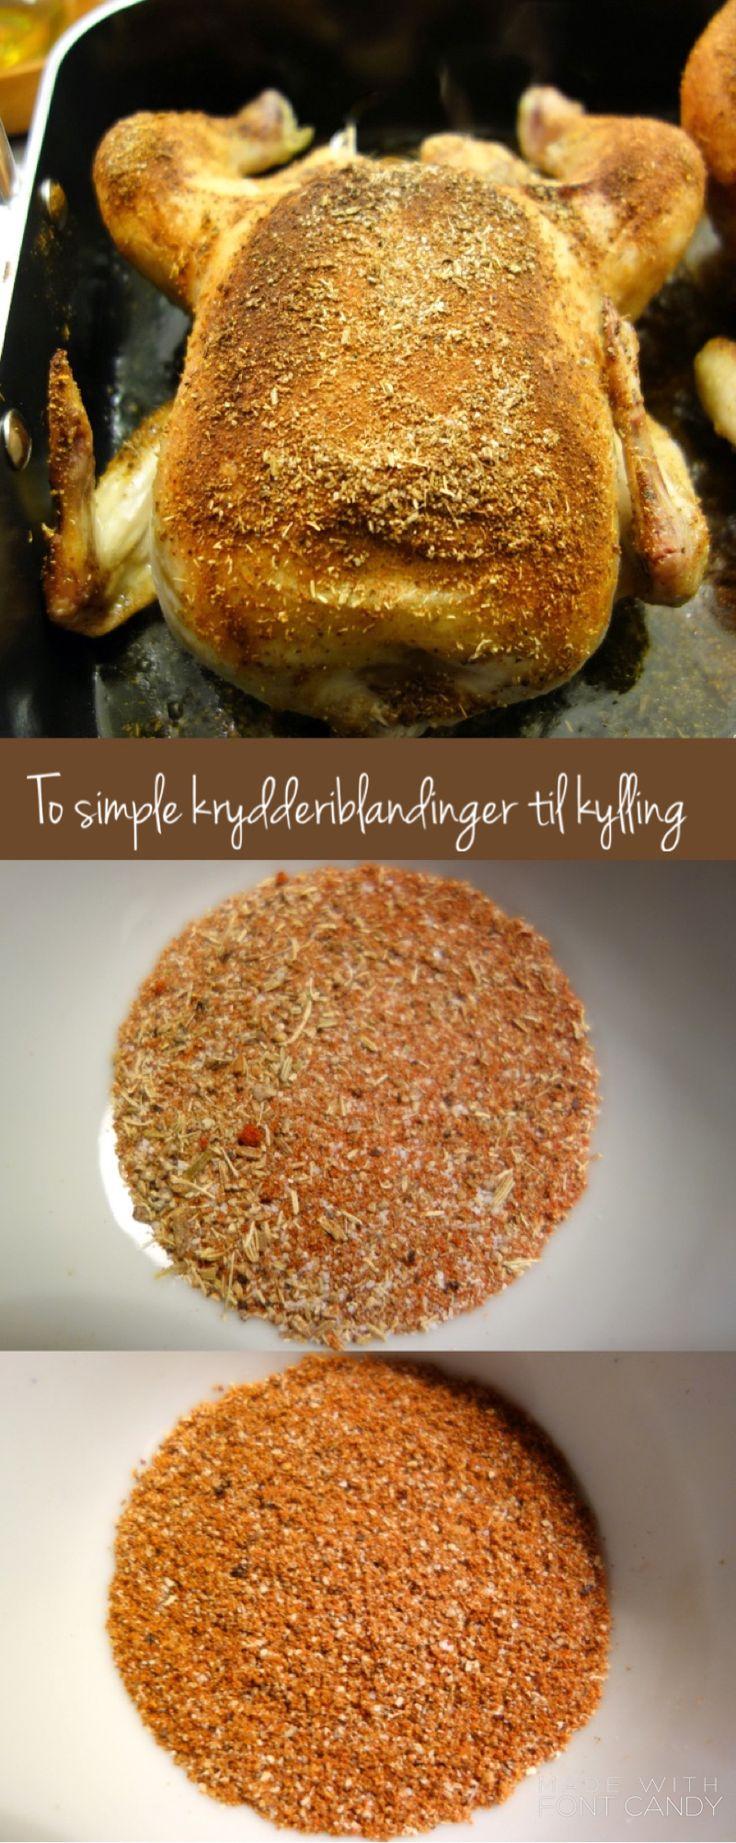 To simple og spicy krydderiblandinger til kylling i ovn